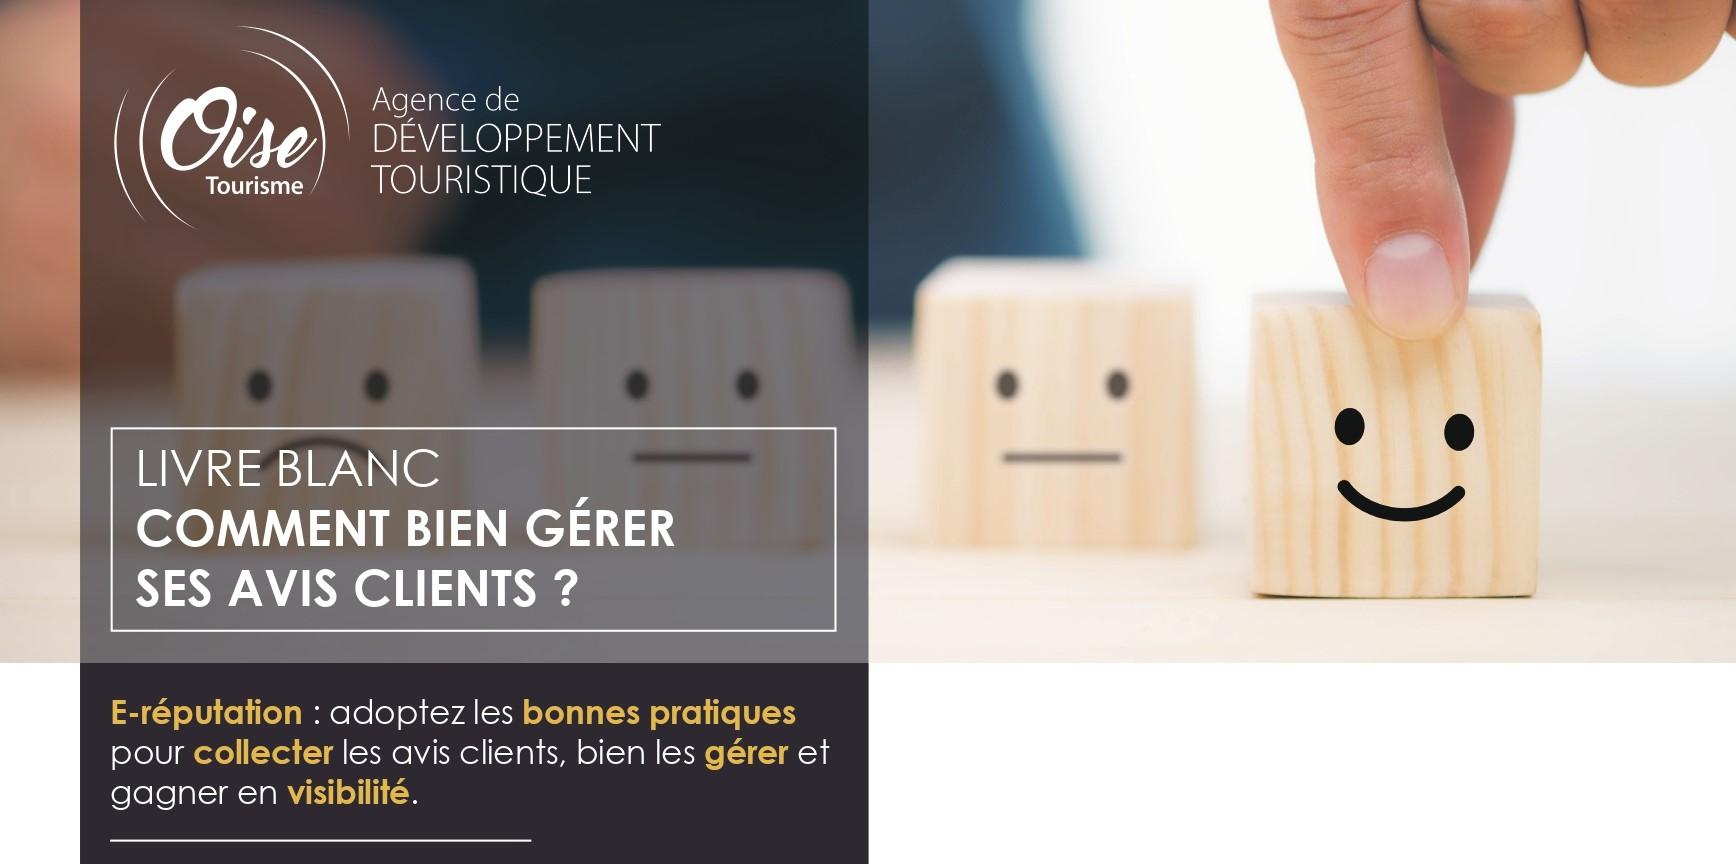 LivreBlanc_Ereputation_article_OiseTourisme-pro